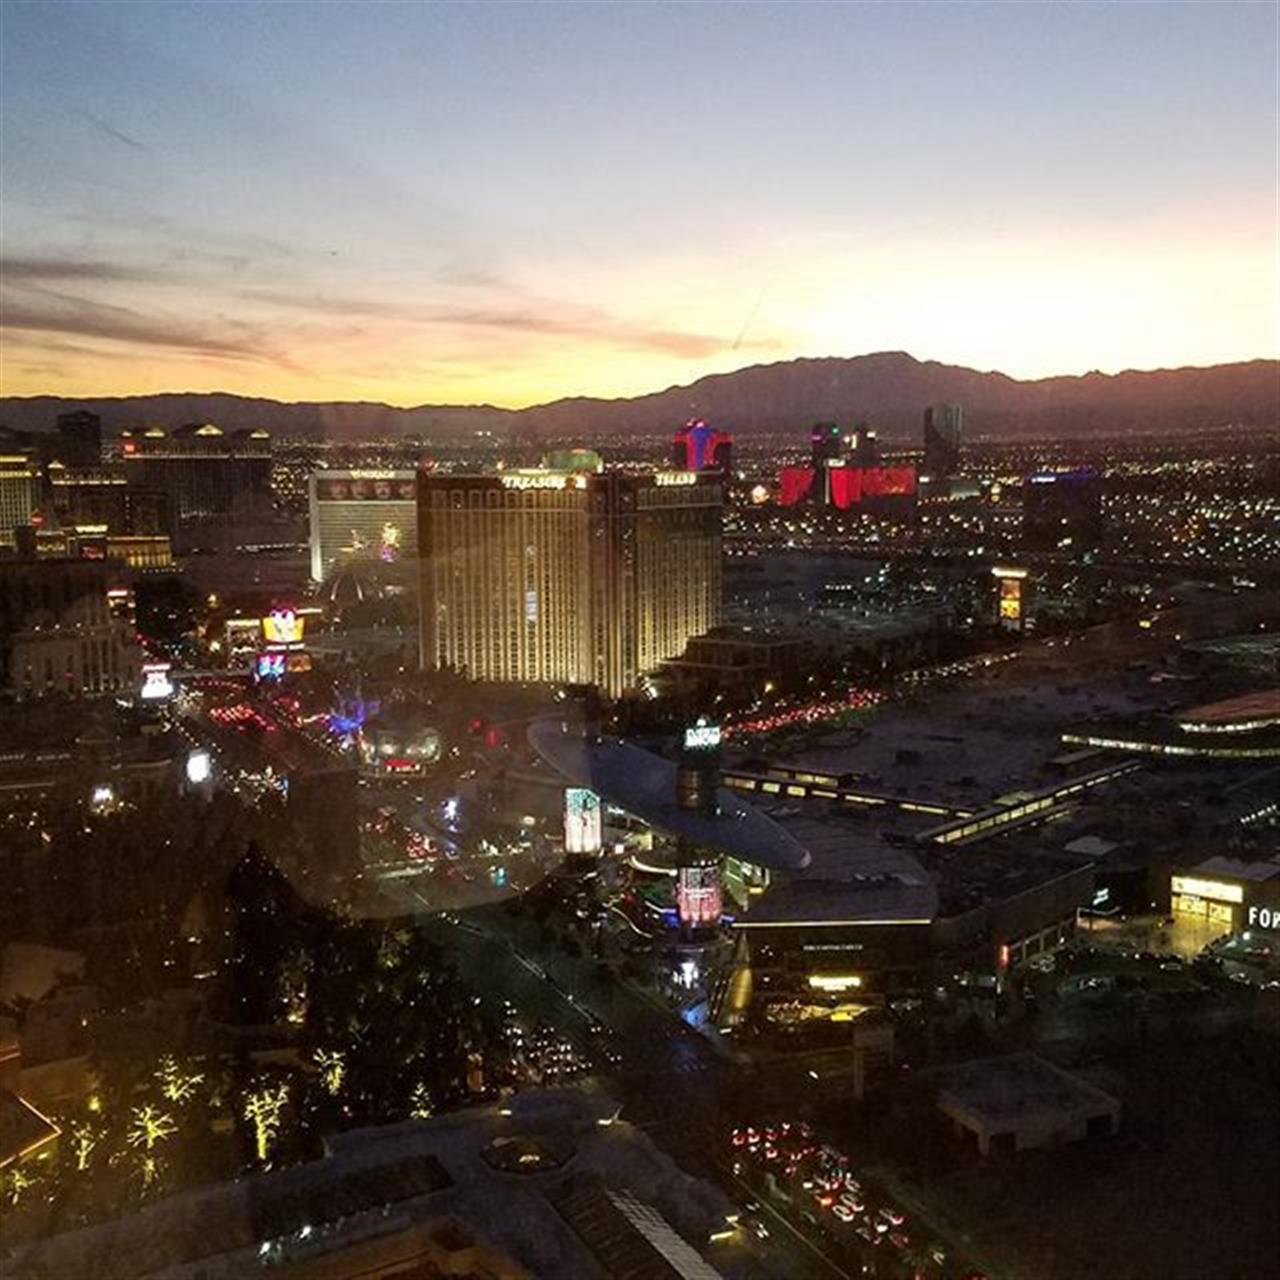 Sunset in Vegas! #leadingre, #averyhessrealtors, #imlocalimglobal